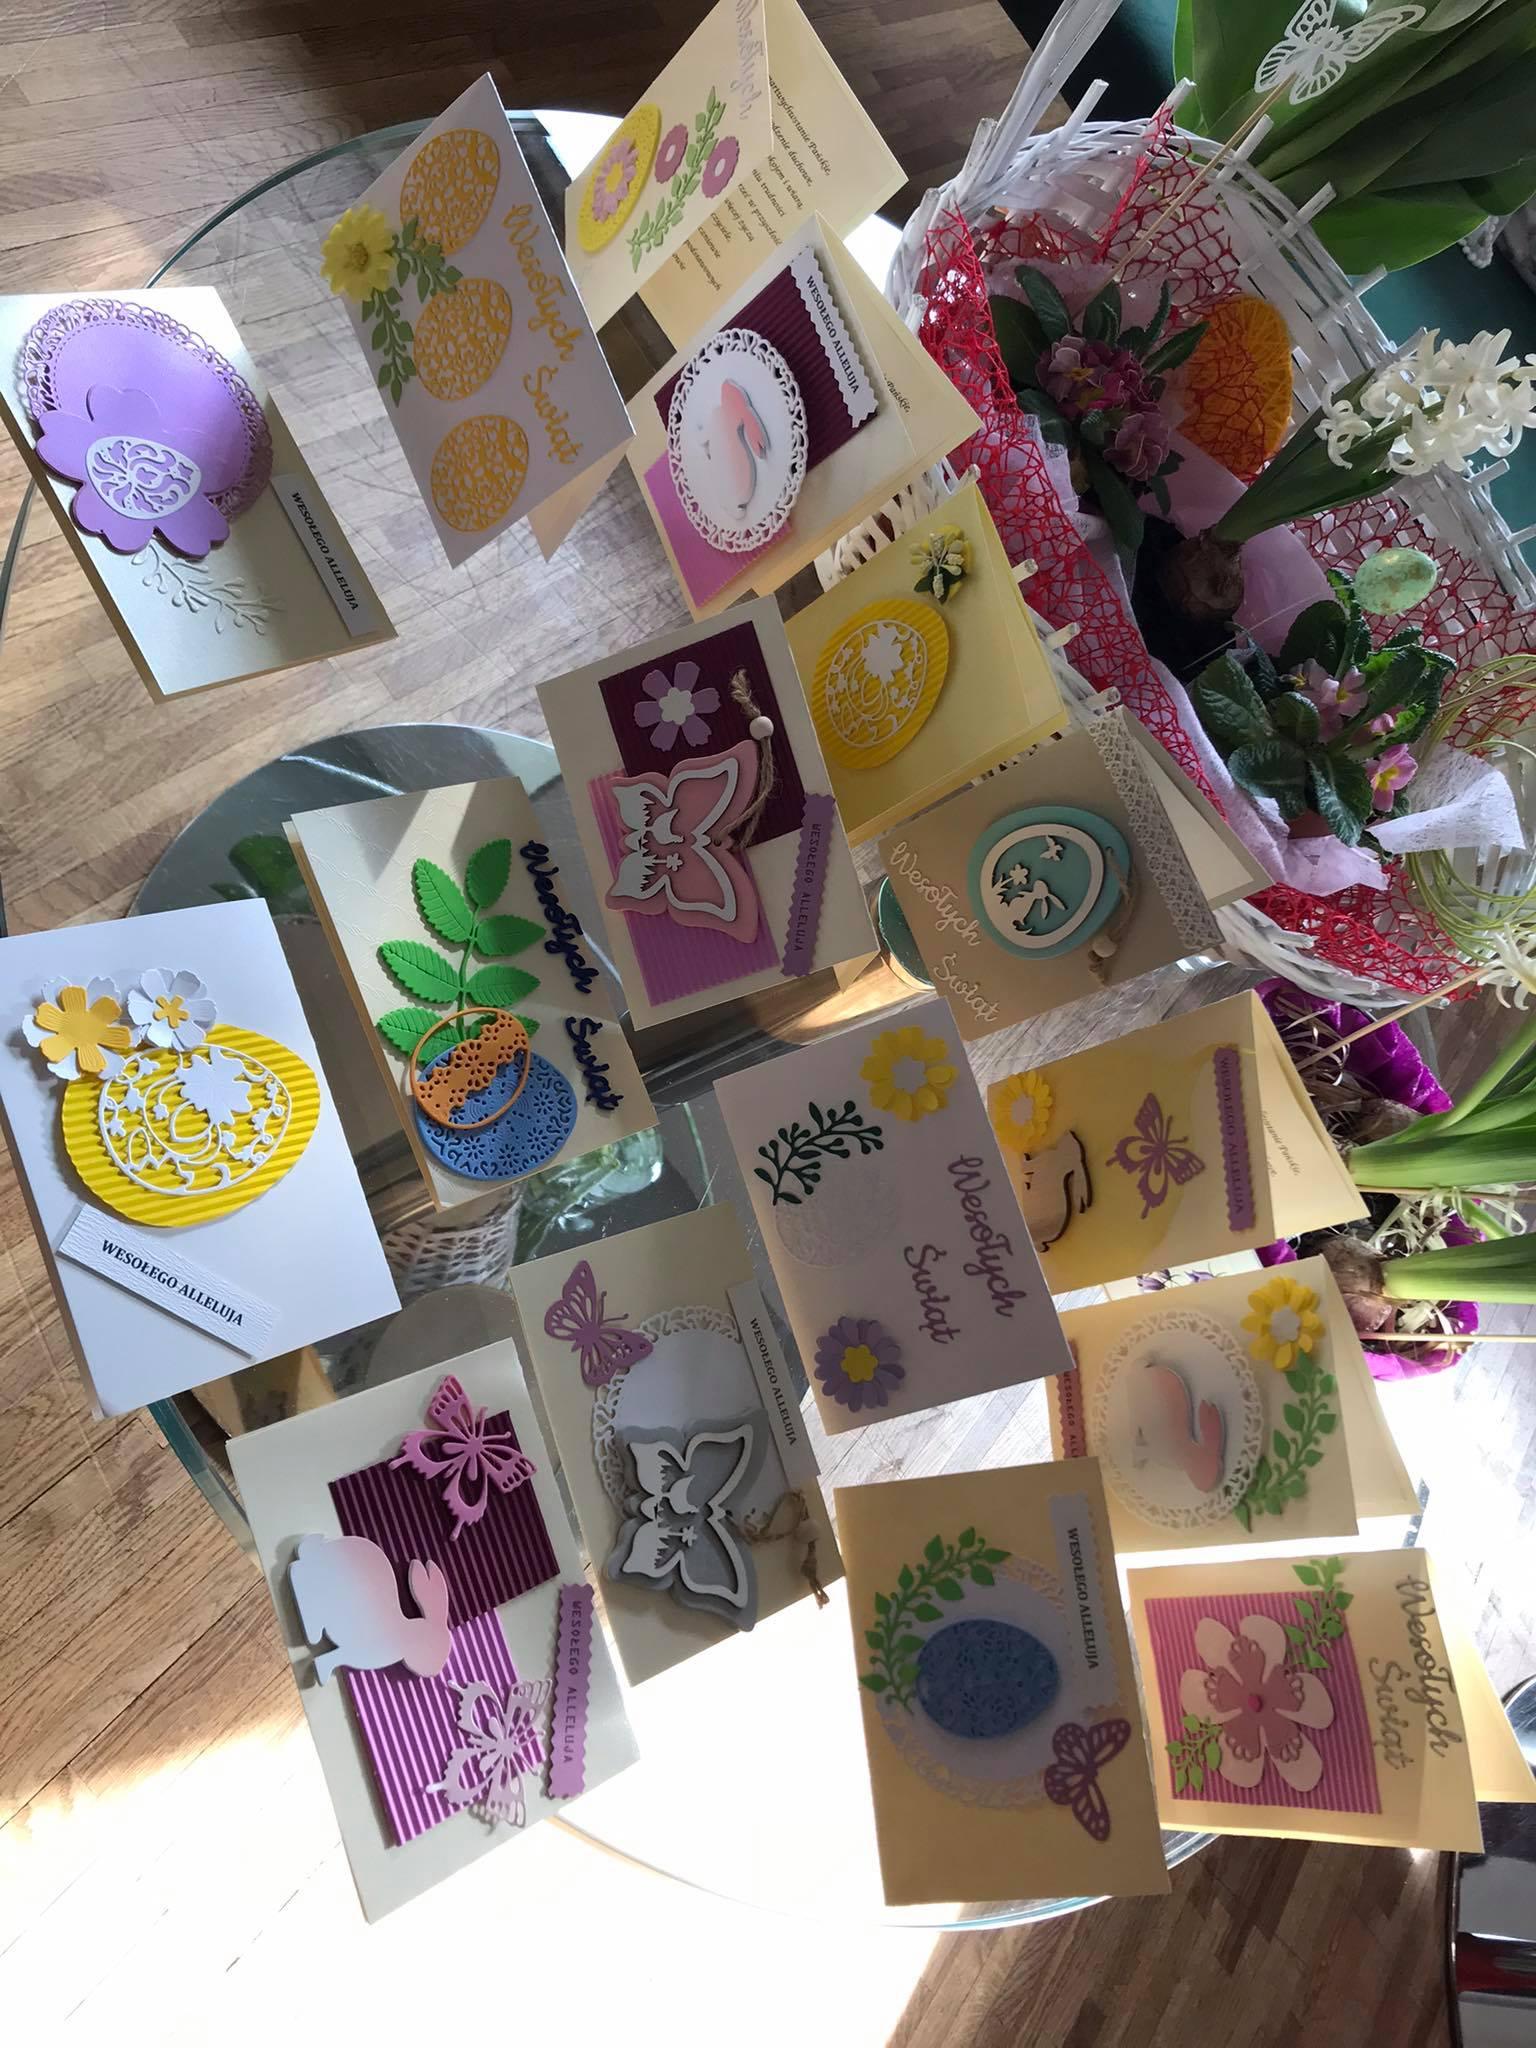 Karty przyozdobiono elementami kojarzącymi się z wiosną i Wielkanocą: jajkami, zajączkami, kwiatami, gałązkami, motylami.